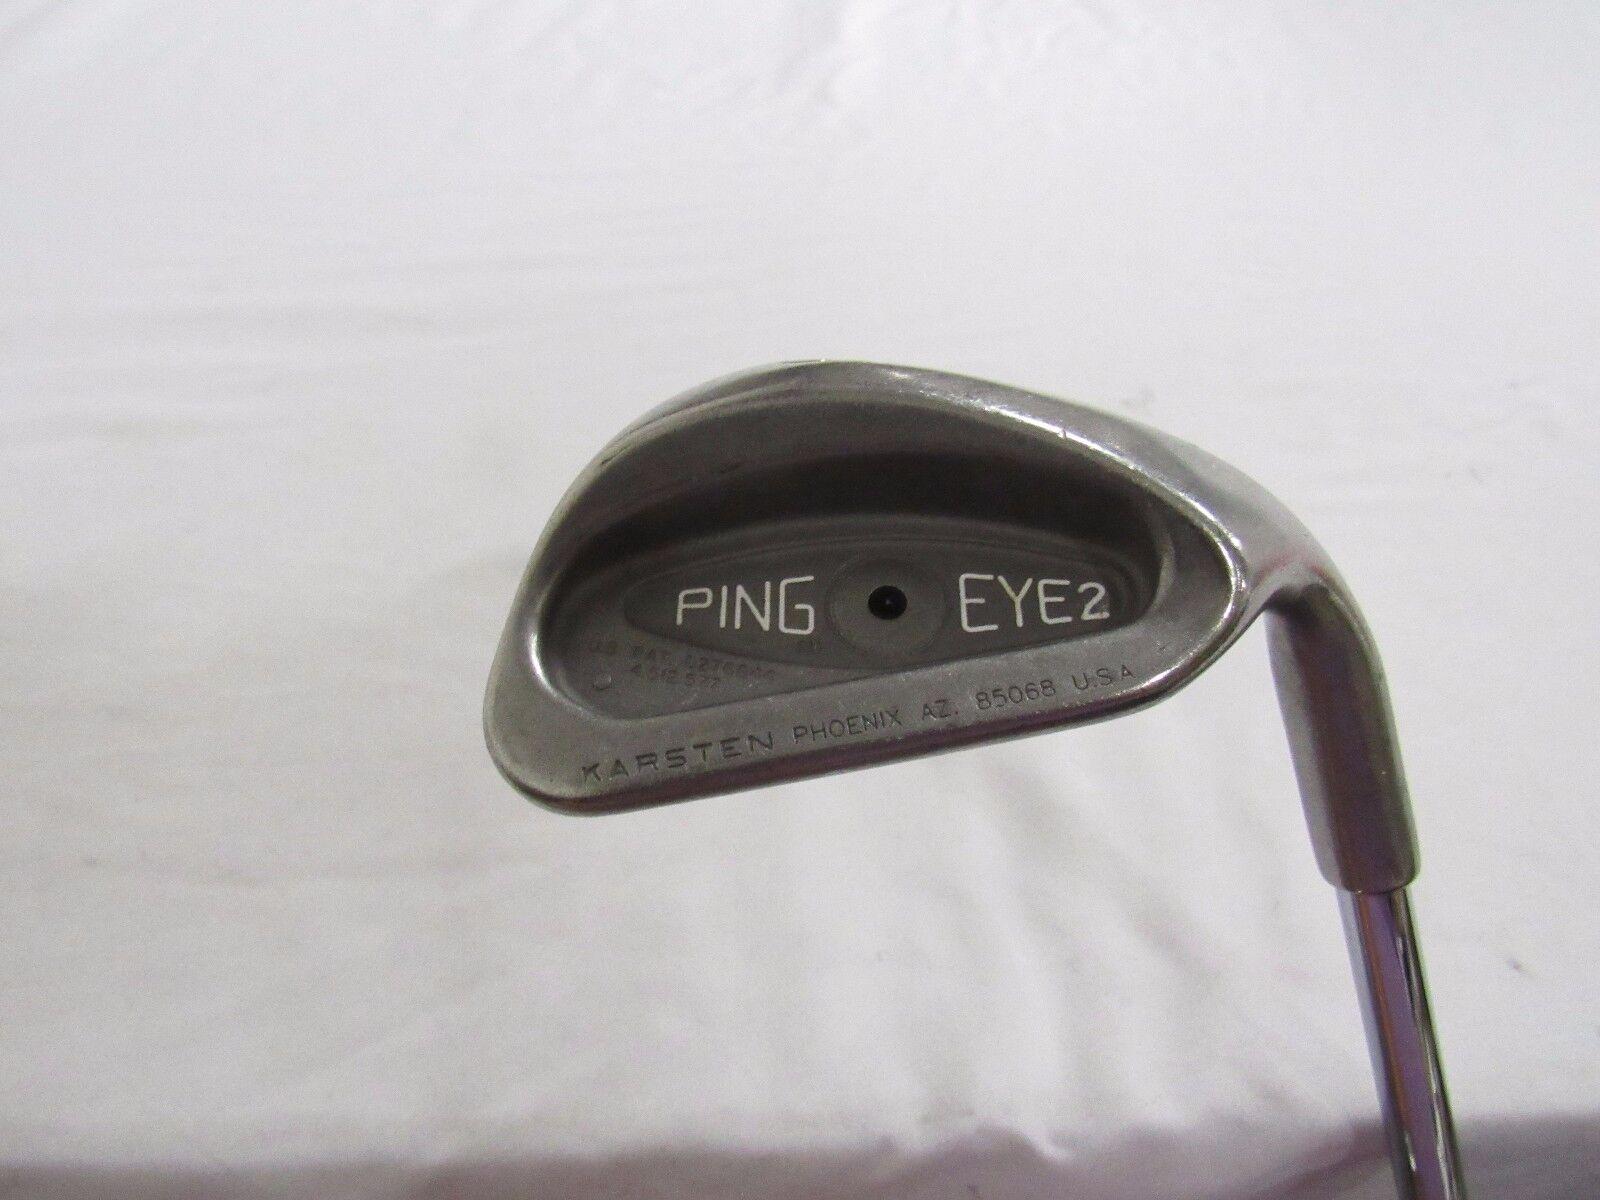 Ping Eye 2 (punto Negro) SW Sand Wedge dinámico livianos (s) De Acero Flex Usado Rh